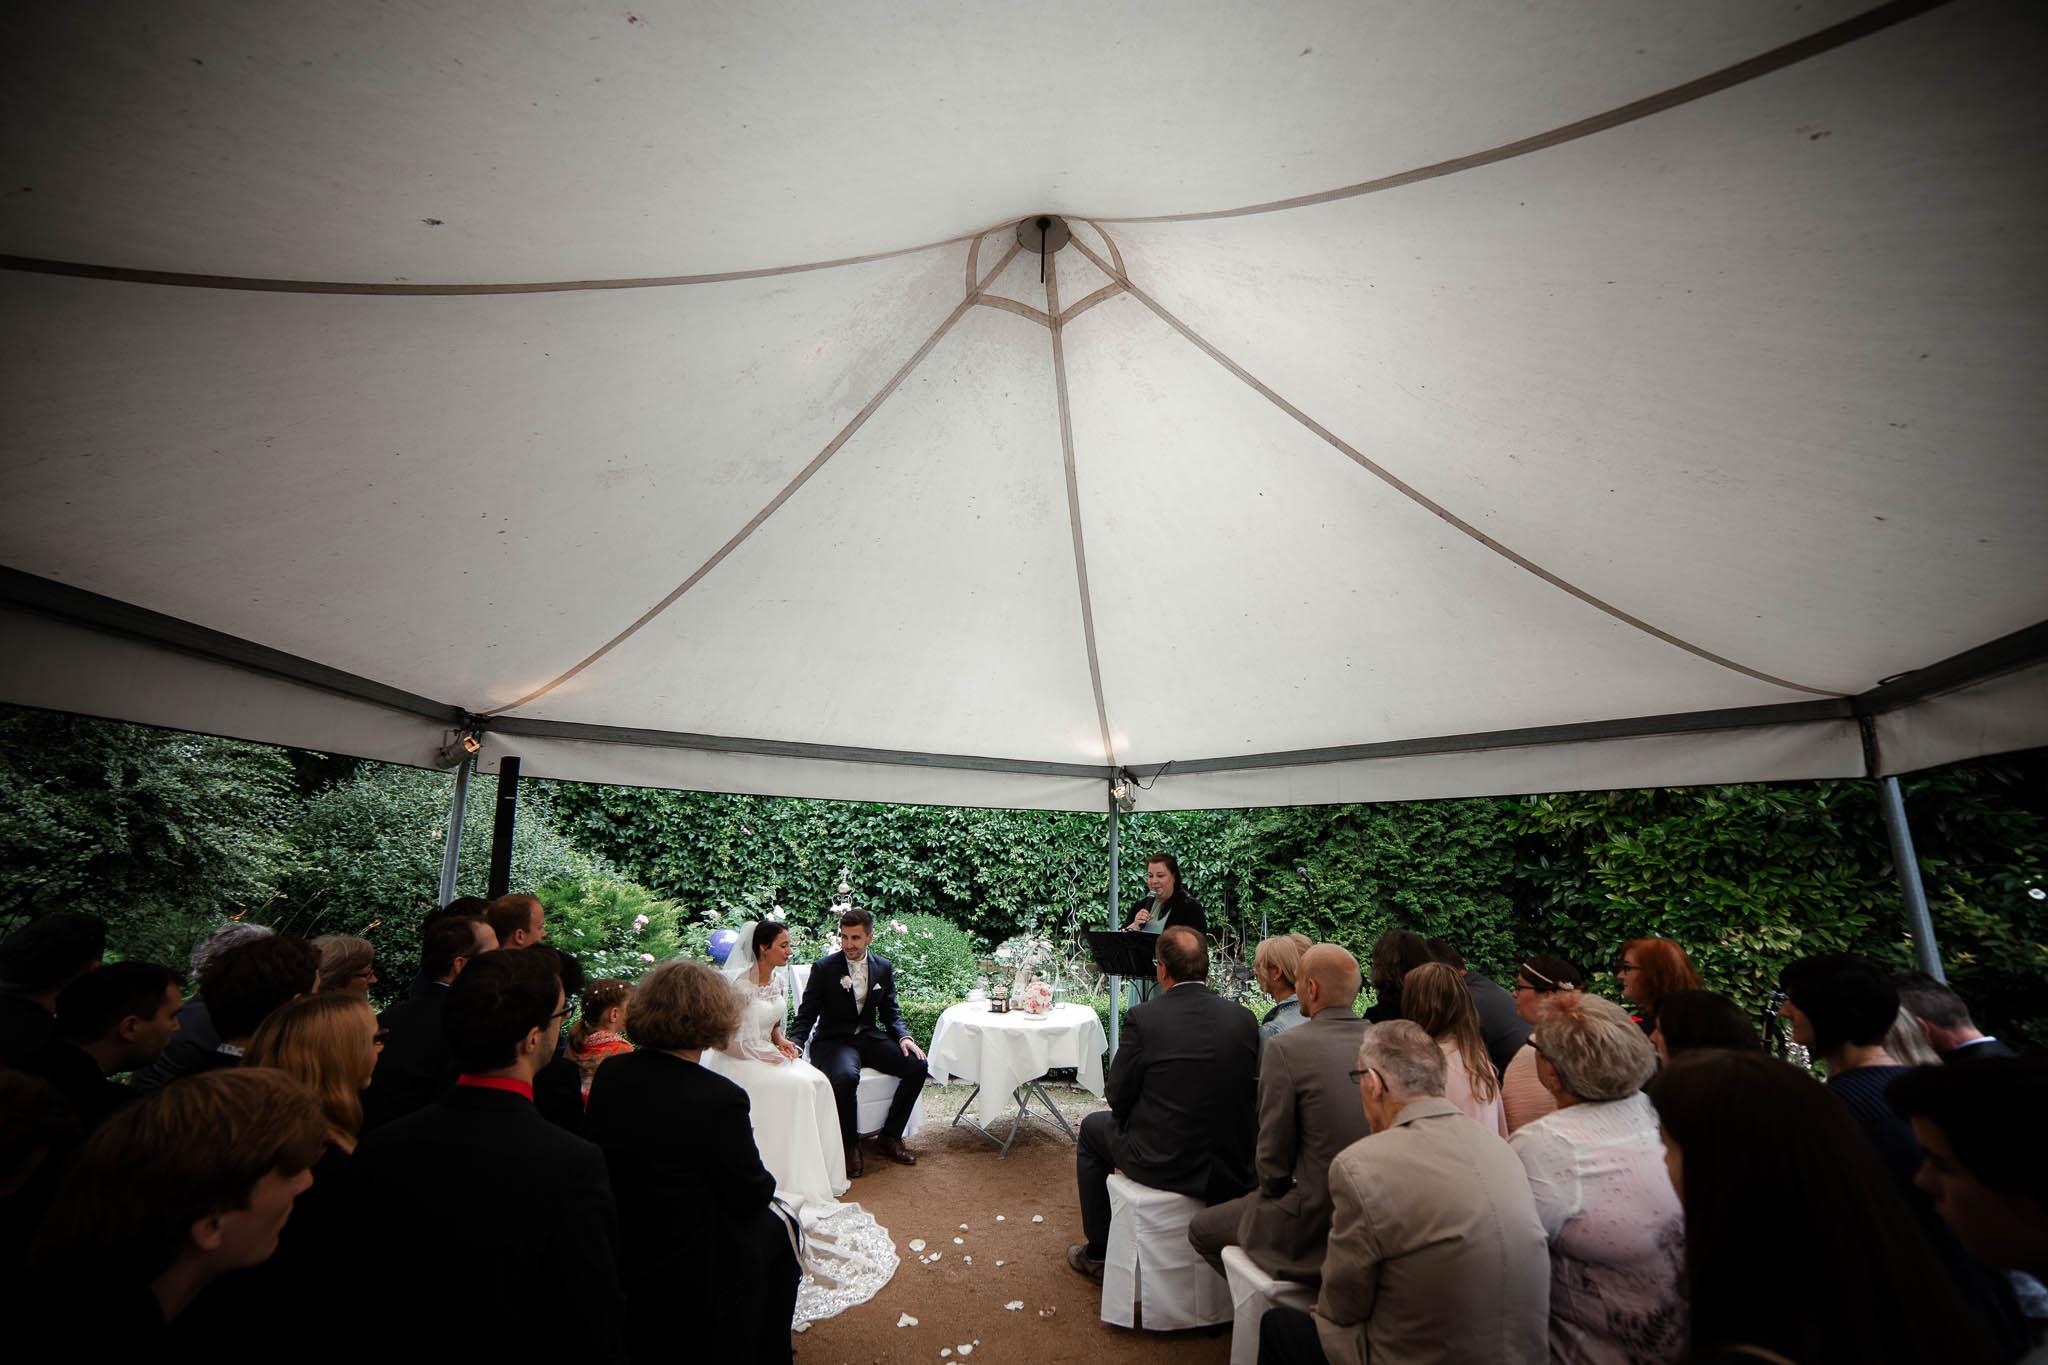 Hochzeitsfotograf Monzernheim: freie Trauung von Sarah & Patrick 30